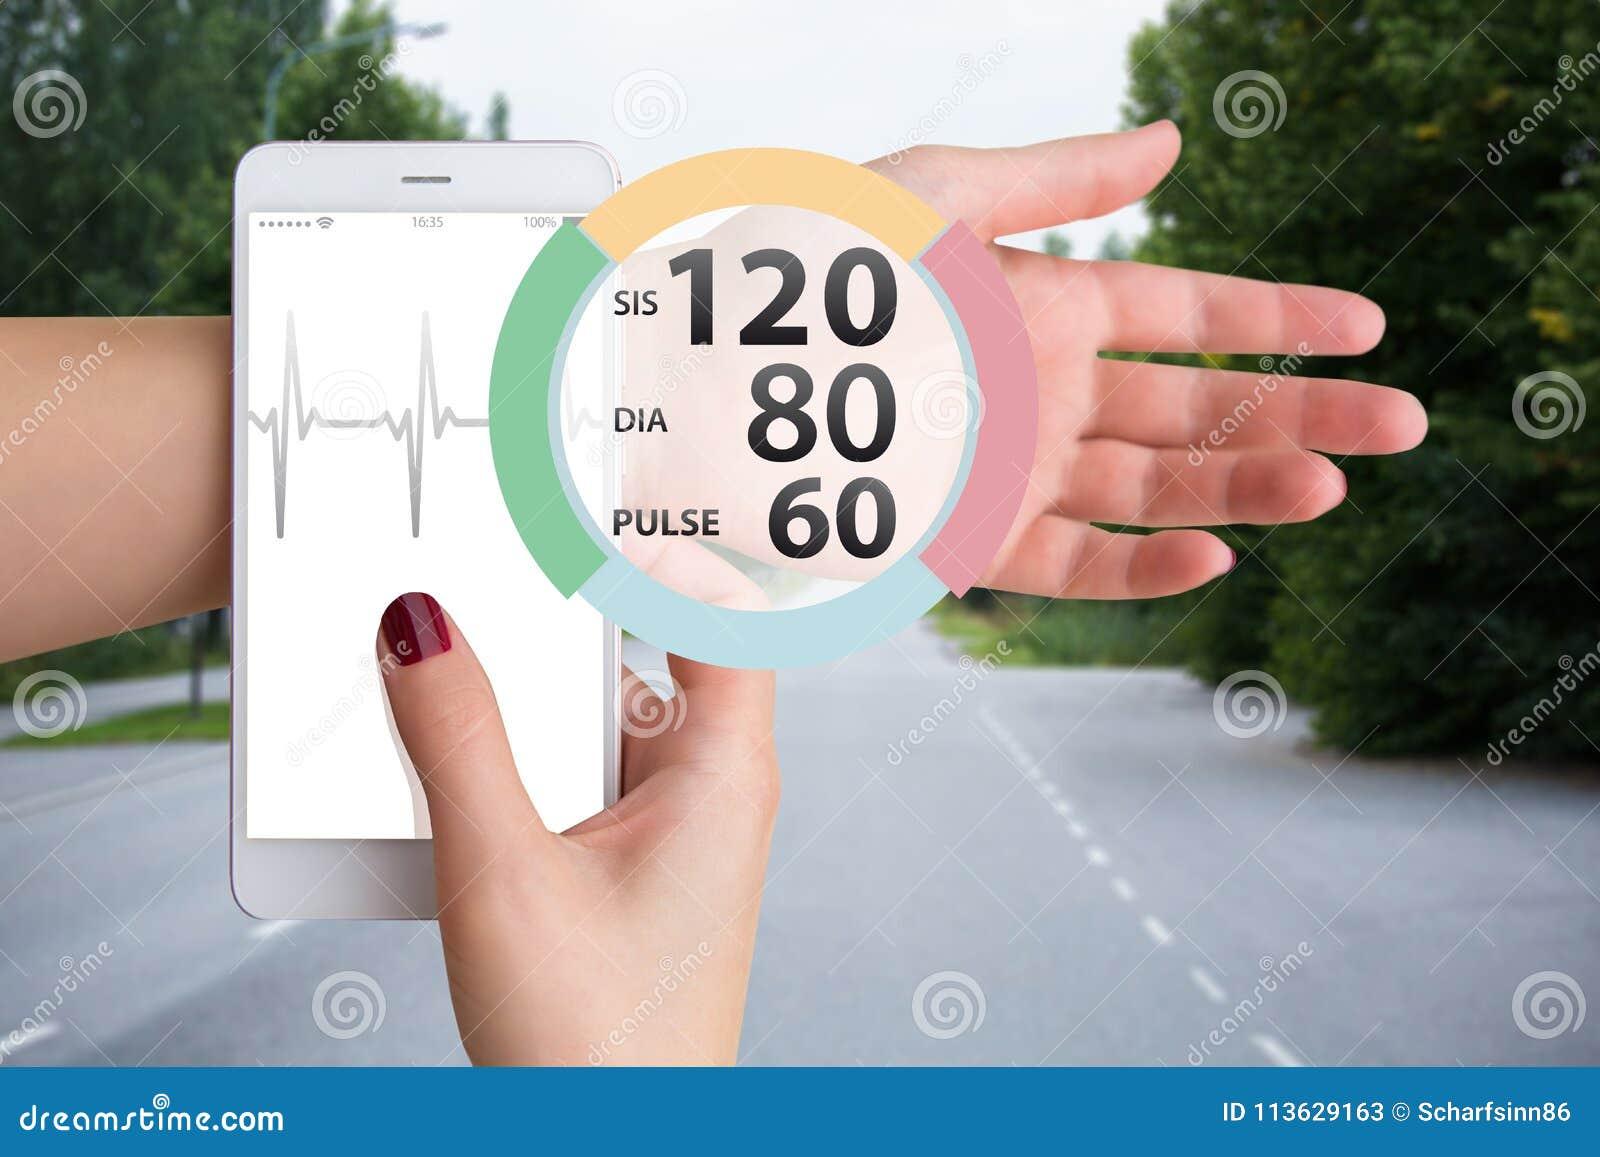 Tamaño de la cintura y presión arterial